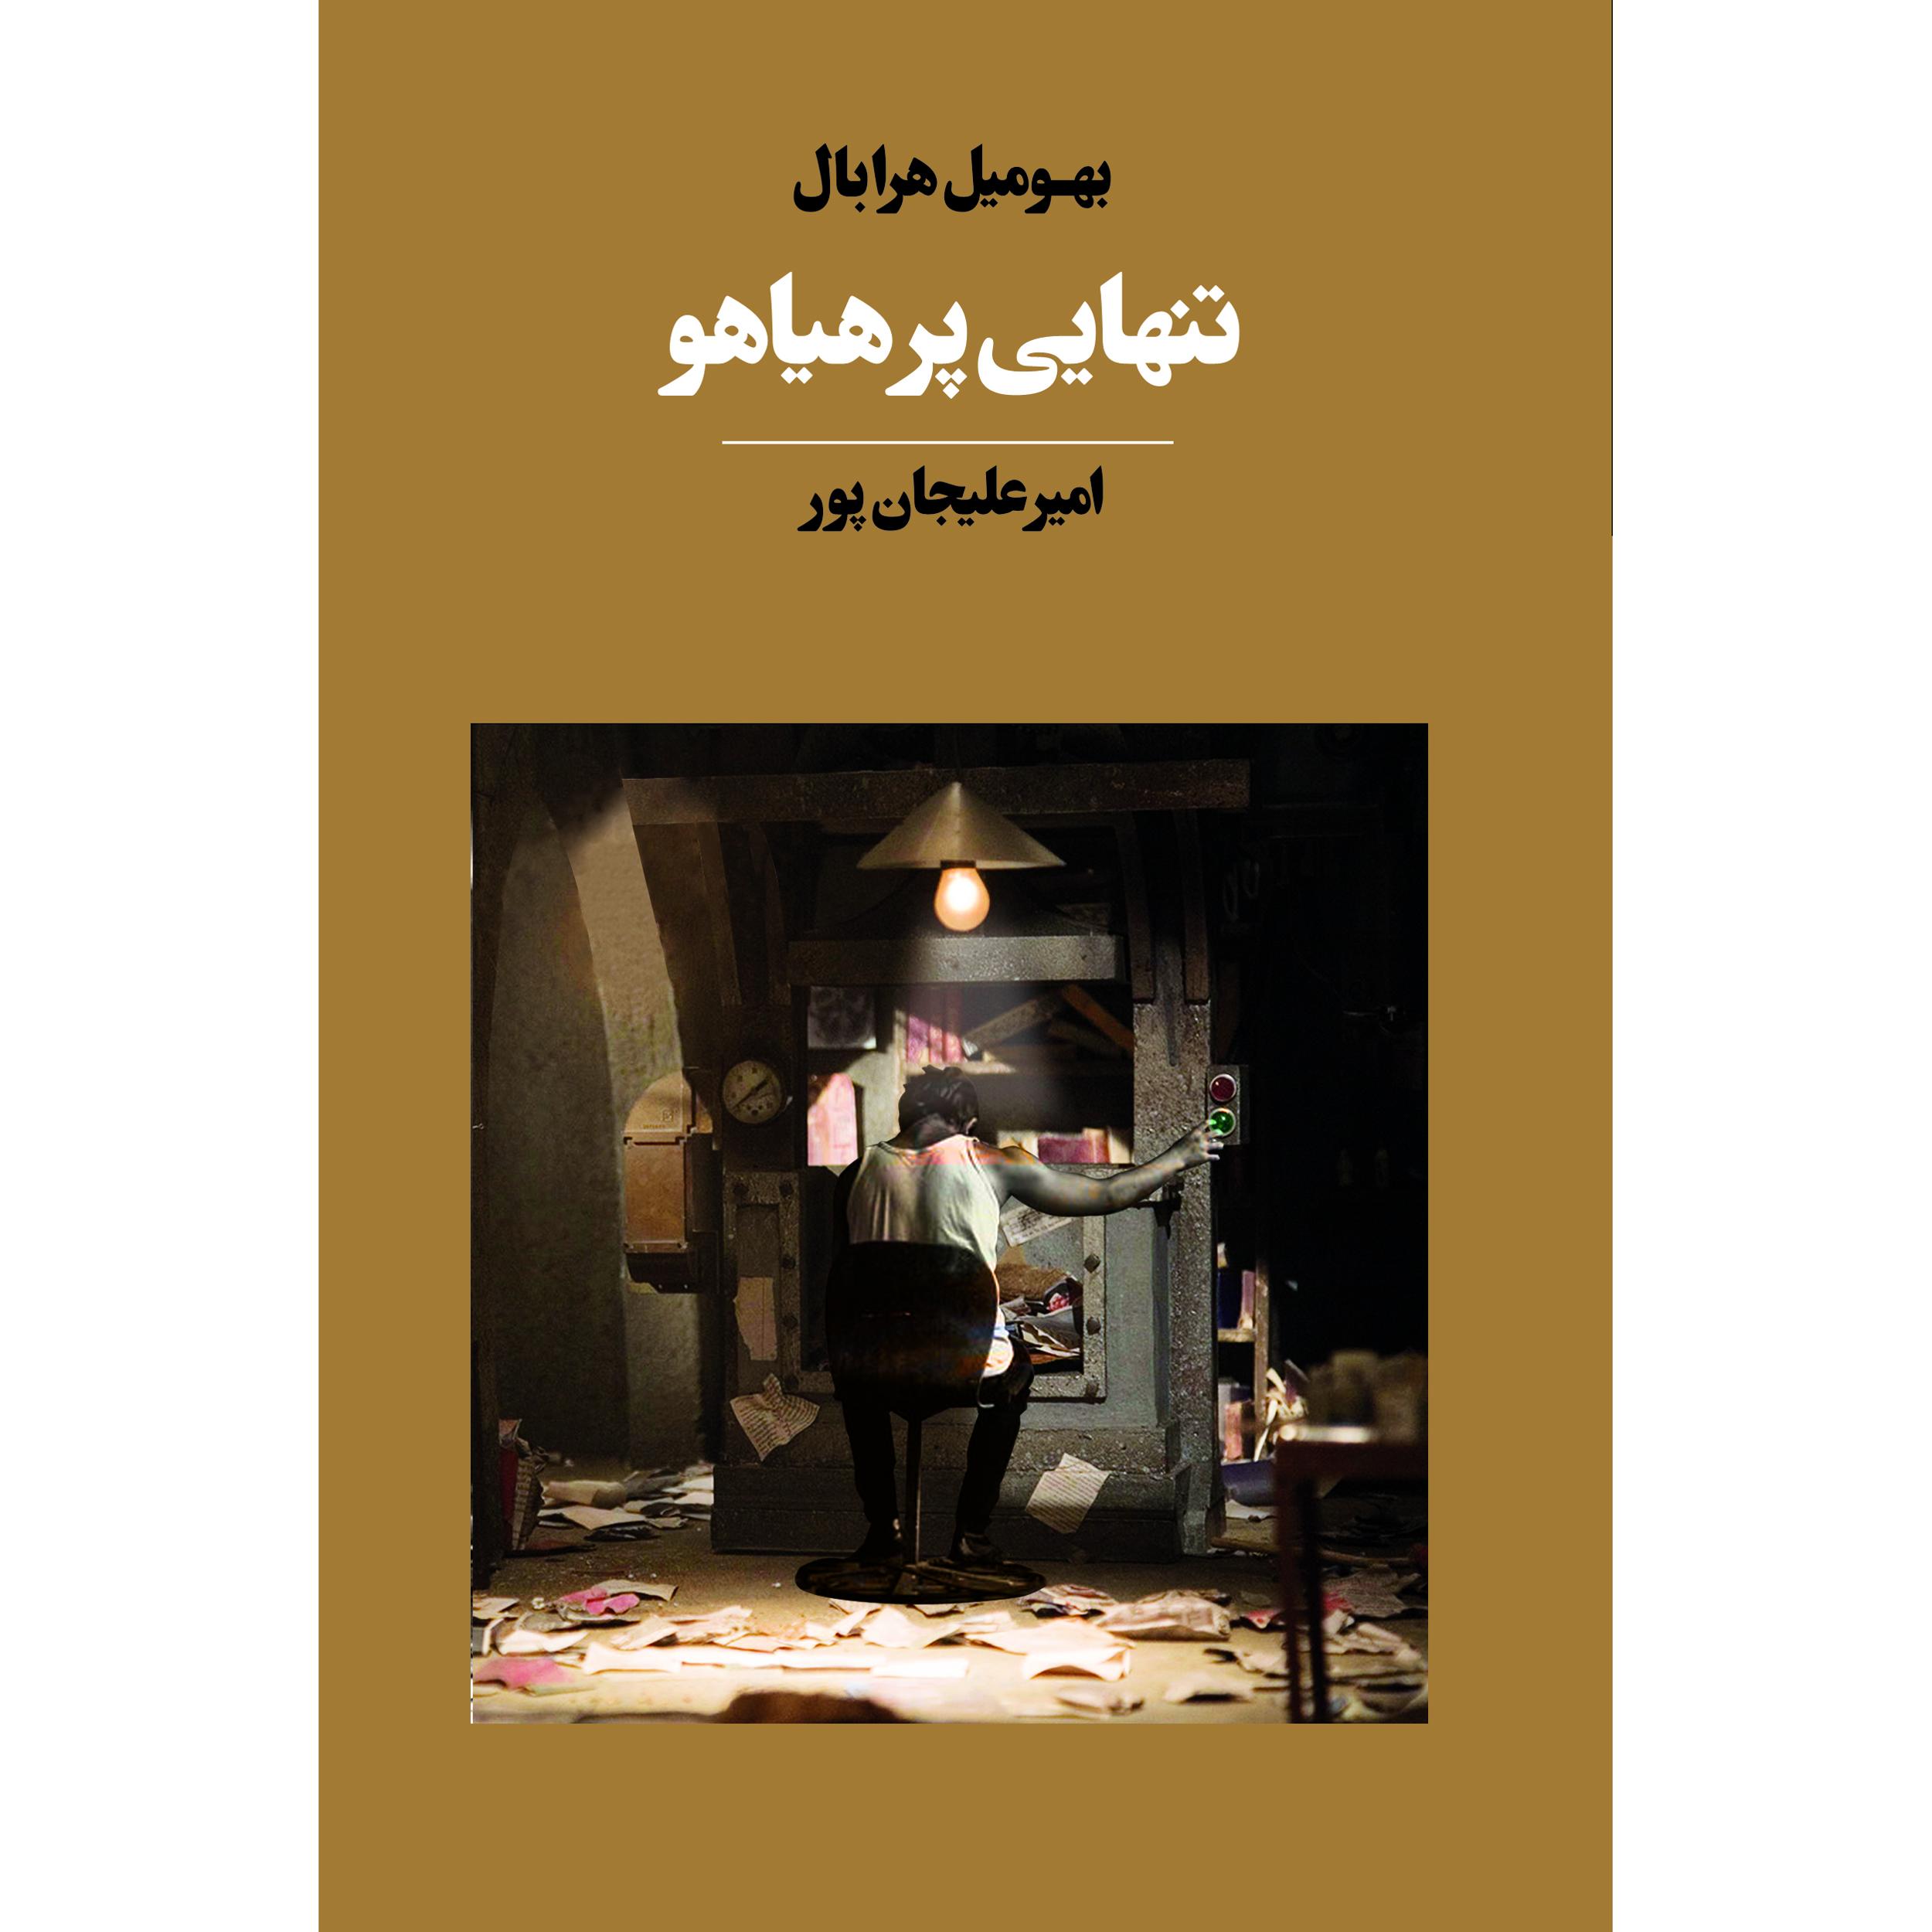 خرید                      کتاب تنهایی پر هیاهو اثر بهومیل هرابال انتشارات آوای مکتوب